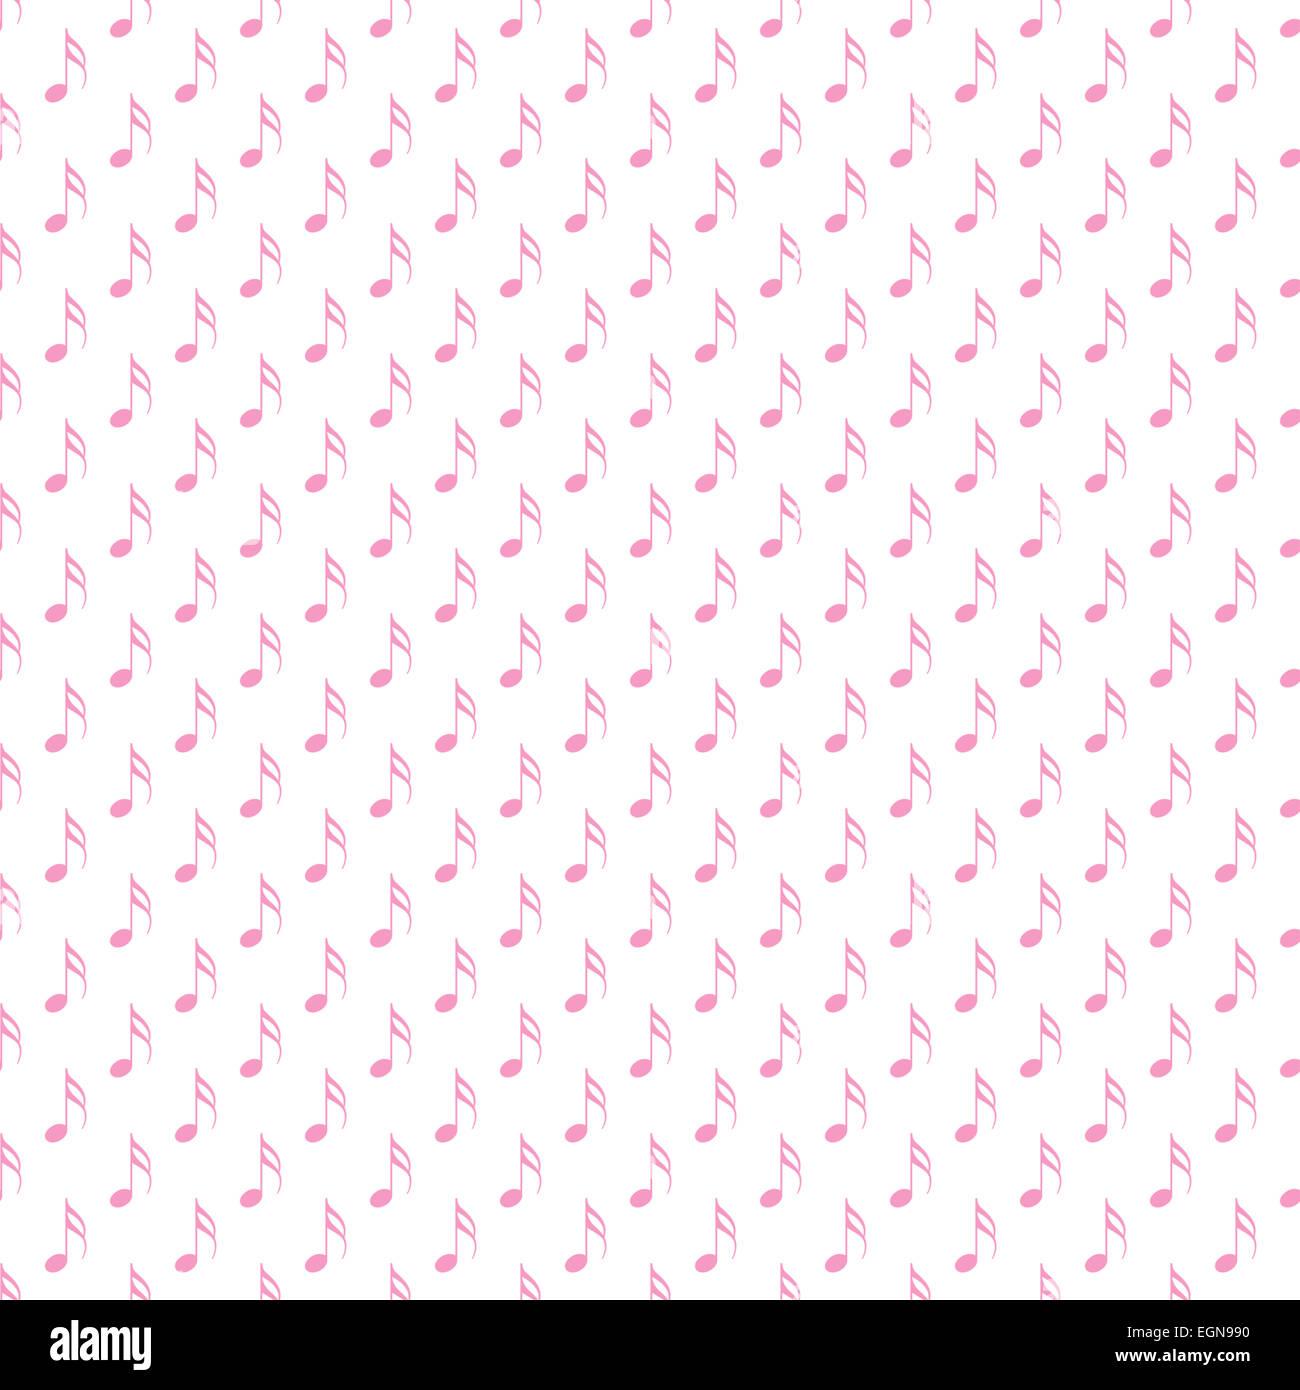 Bianco E Rosa Note Musicali A Pois Pattern Di Sfondo Texture Foto